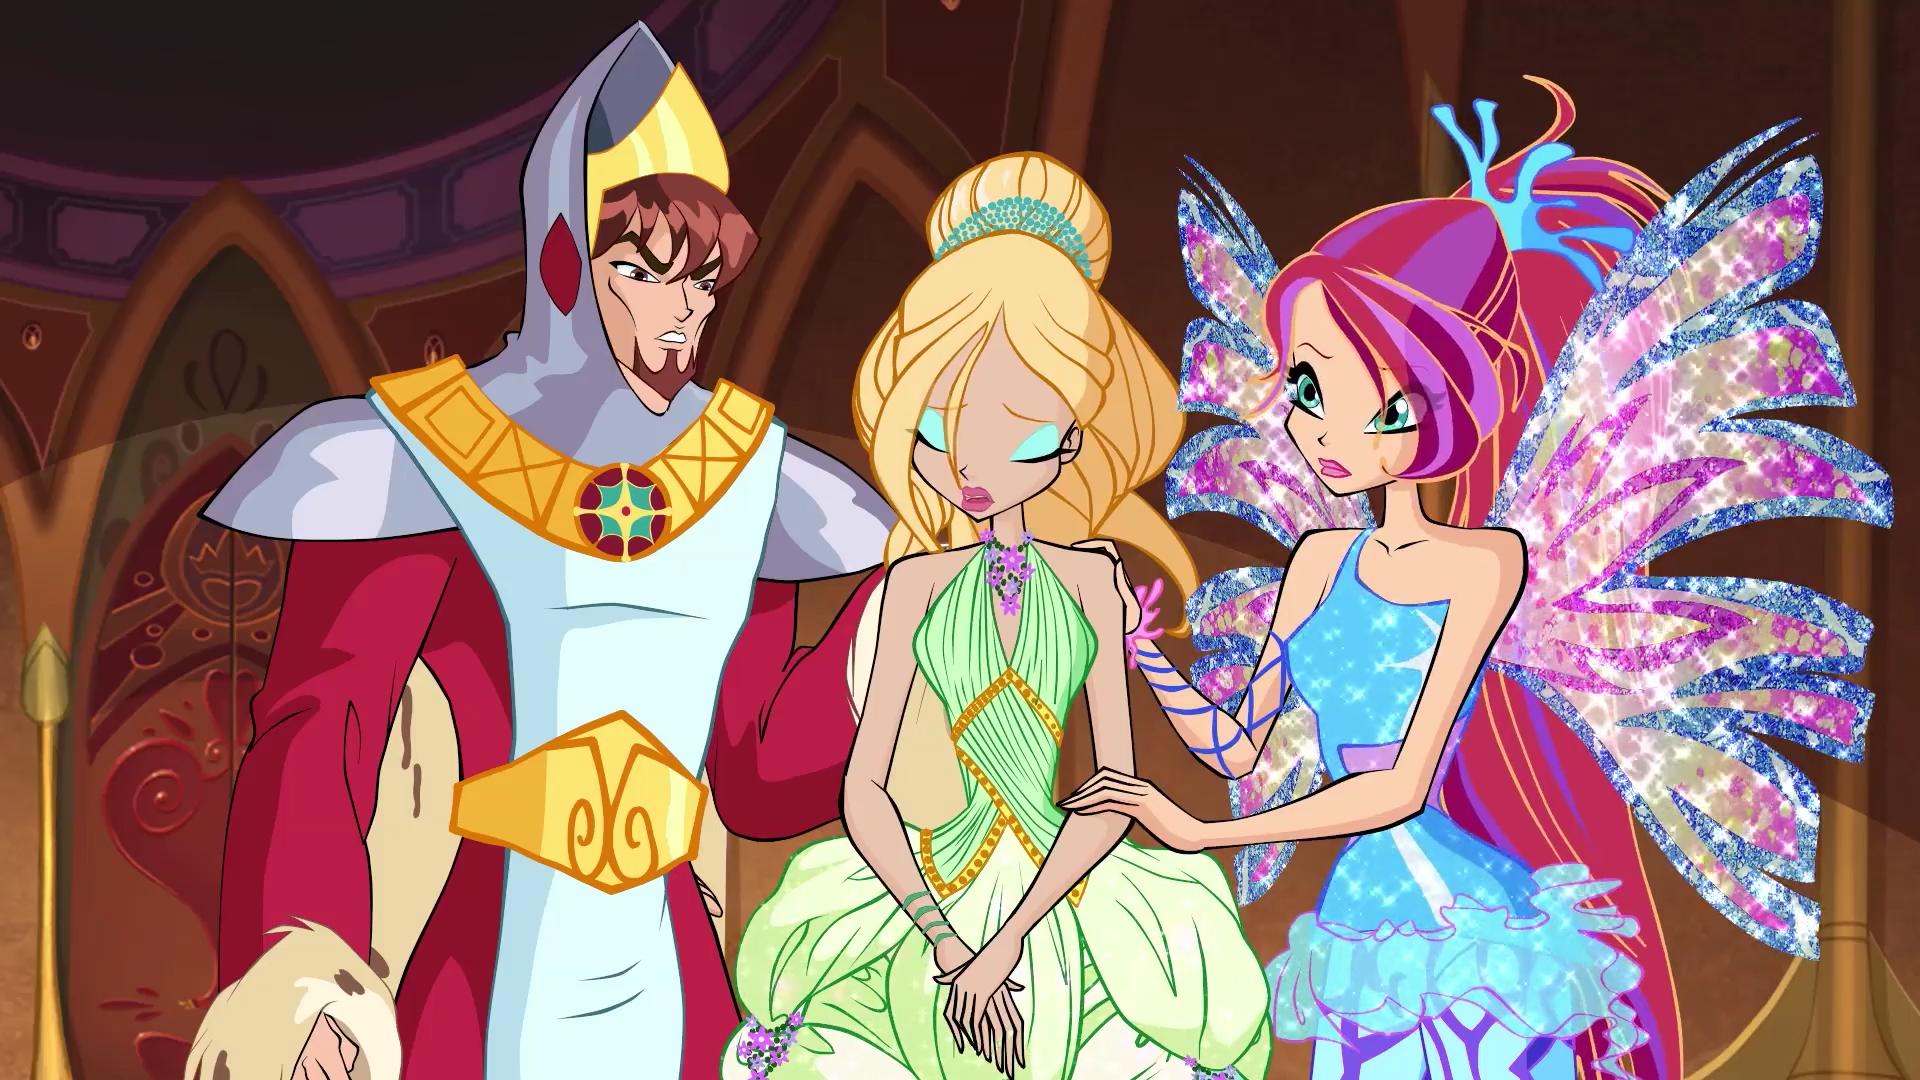 Bloom, Daphne und Oritel 601 01.png